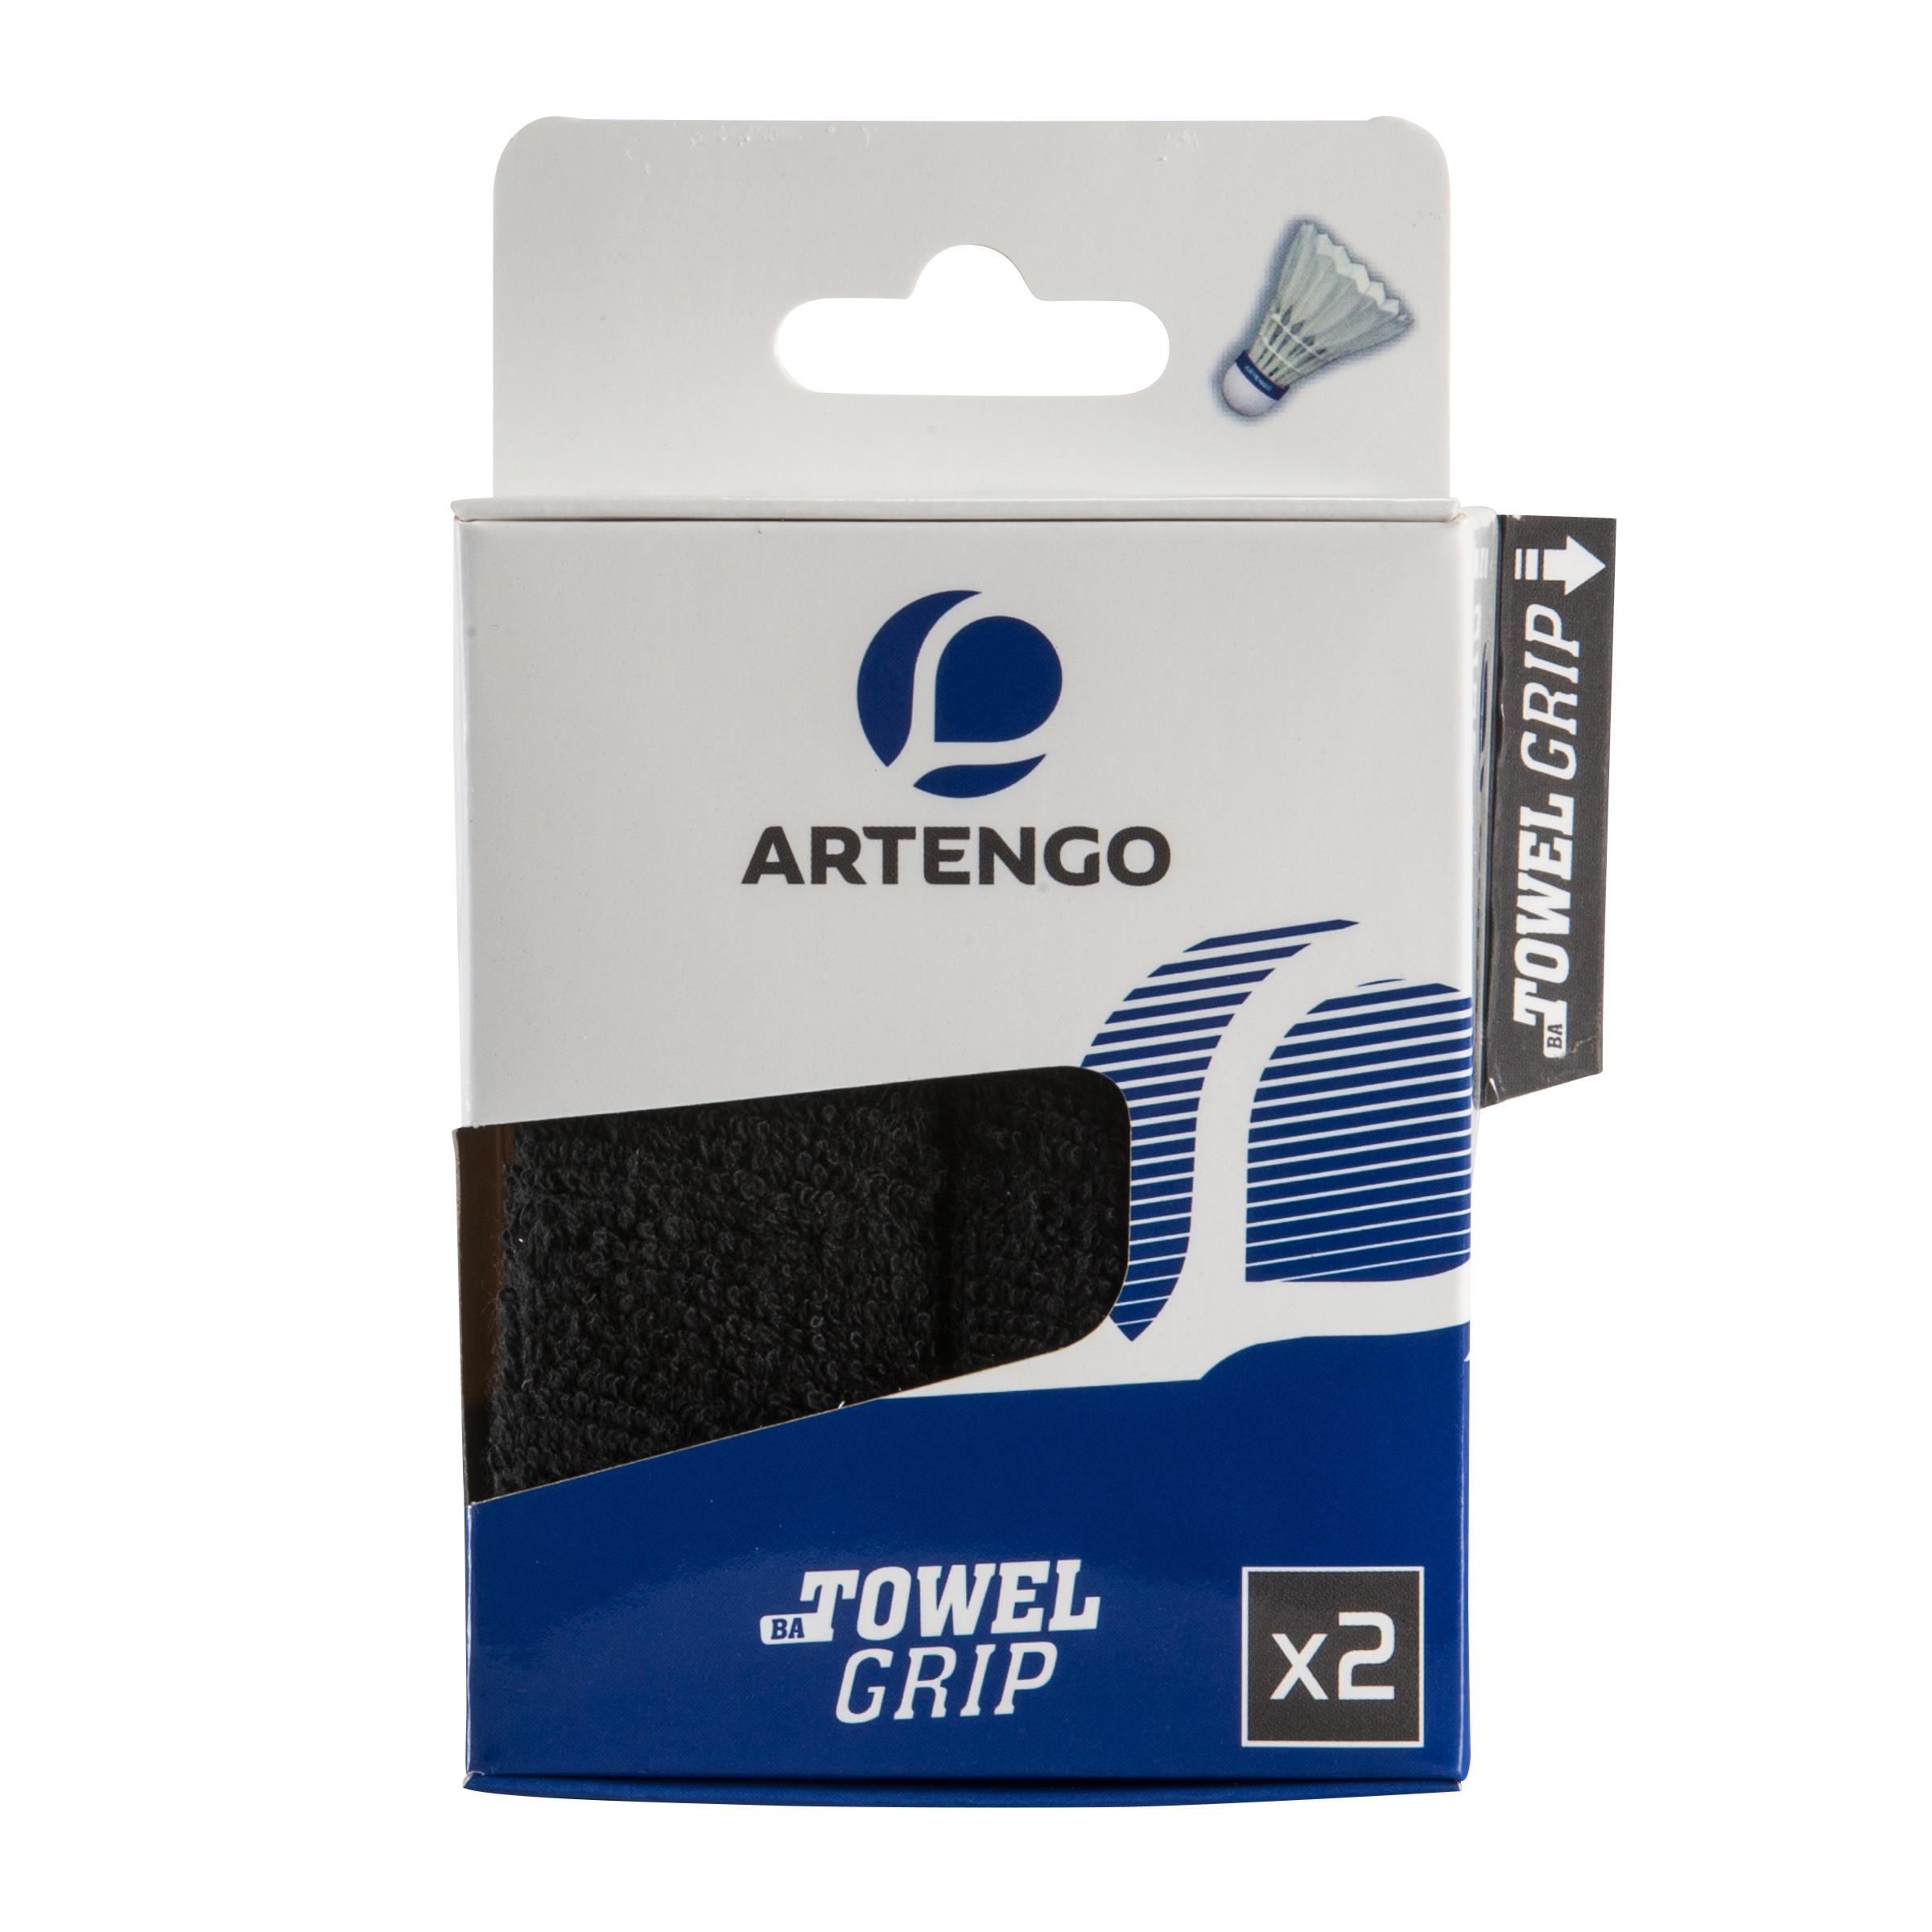 Artengo Badmintongrip - Towel Grip 2 stuks